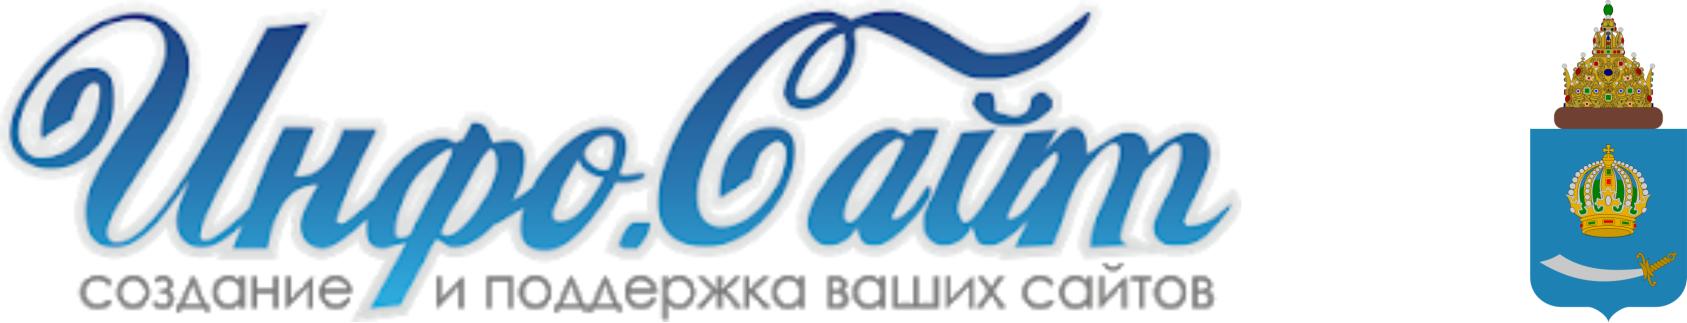 Инфо.Сайт 🌍 АСТРАХАНСКАЯ ОБЛАСТЬ : Новости и Веб-сайты Астраханской области